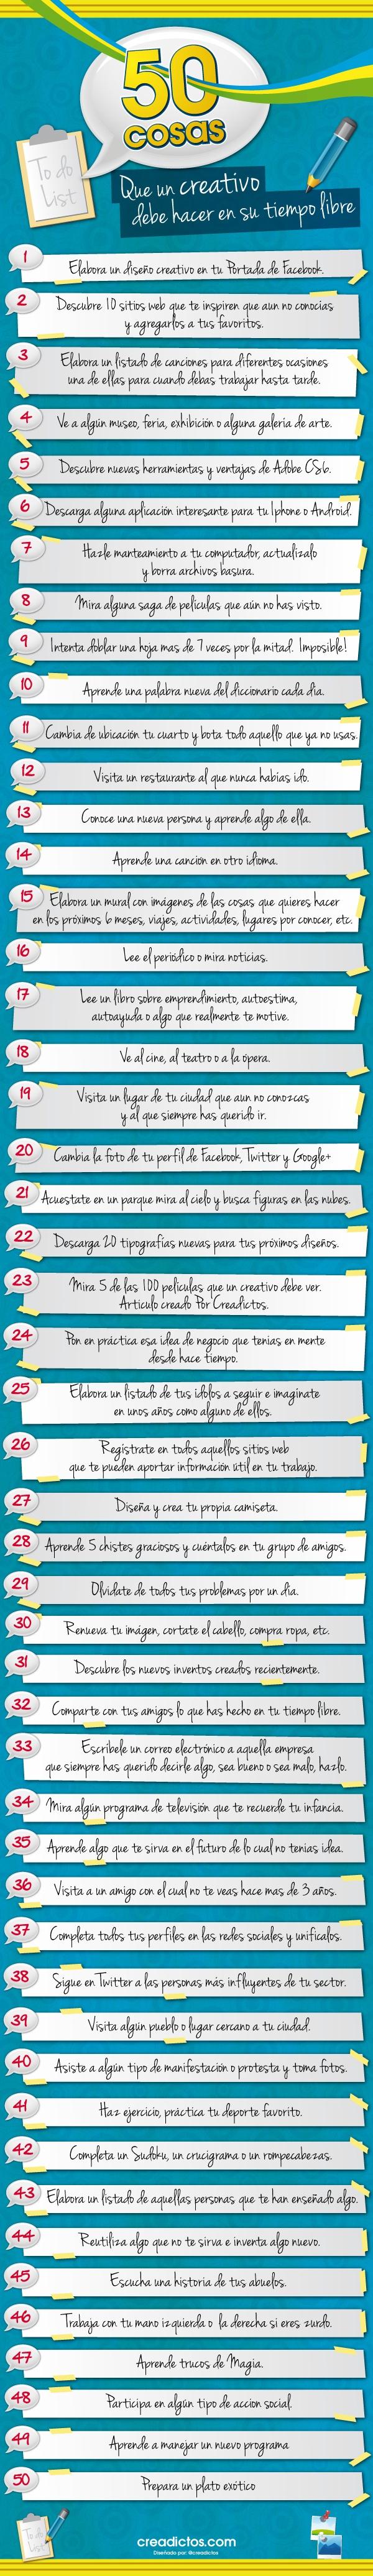 50 cosas que un creativo debe hacer en su tiempo libre #Infografia